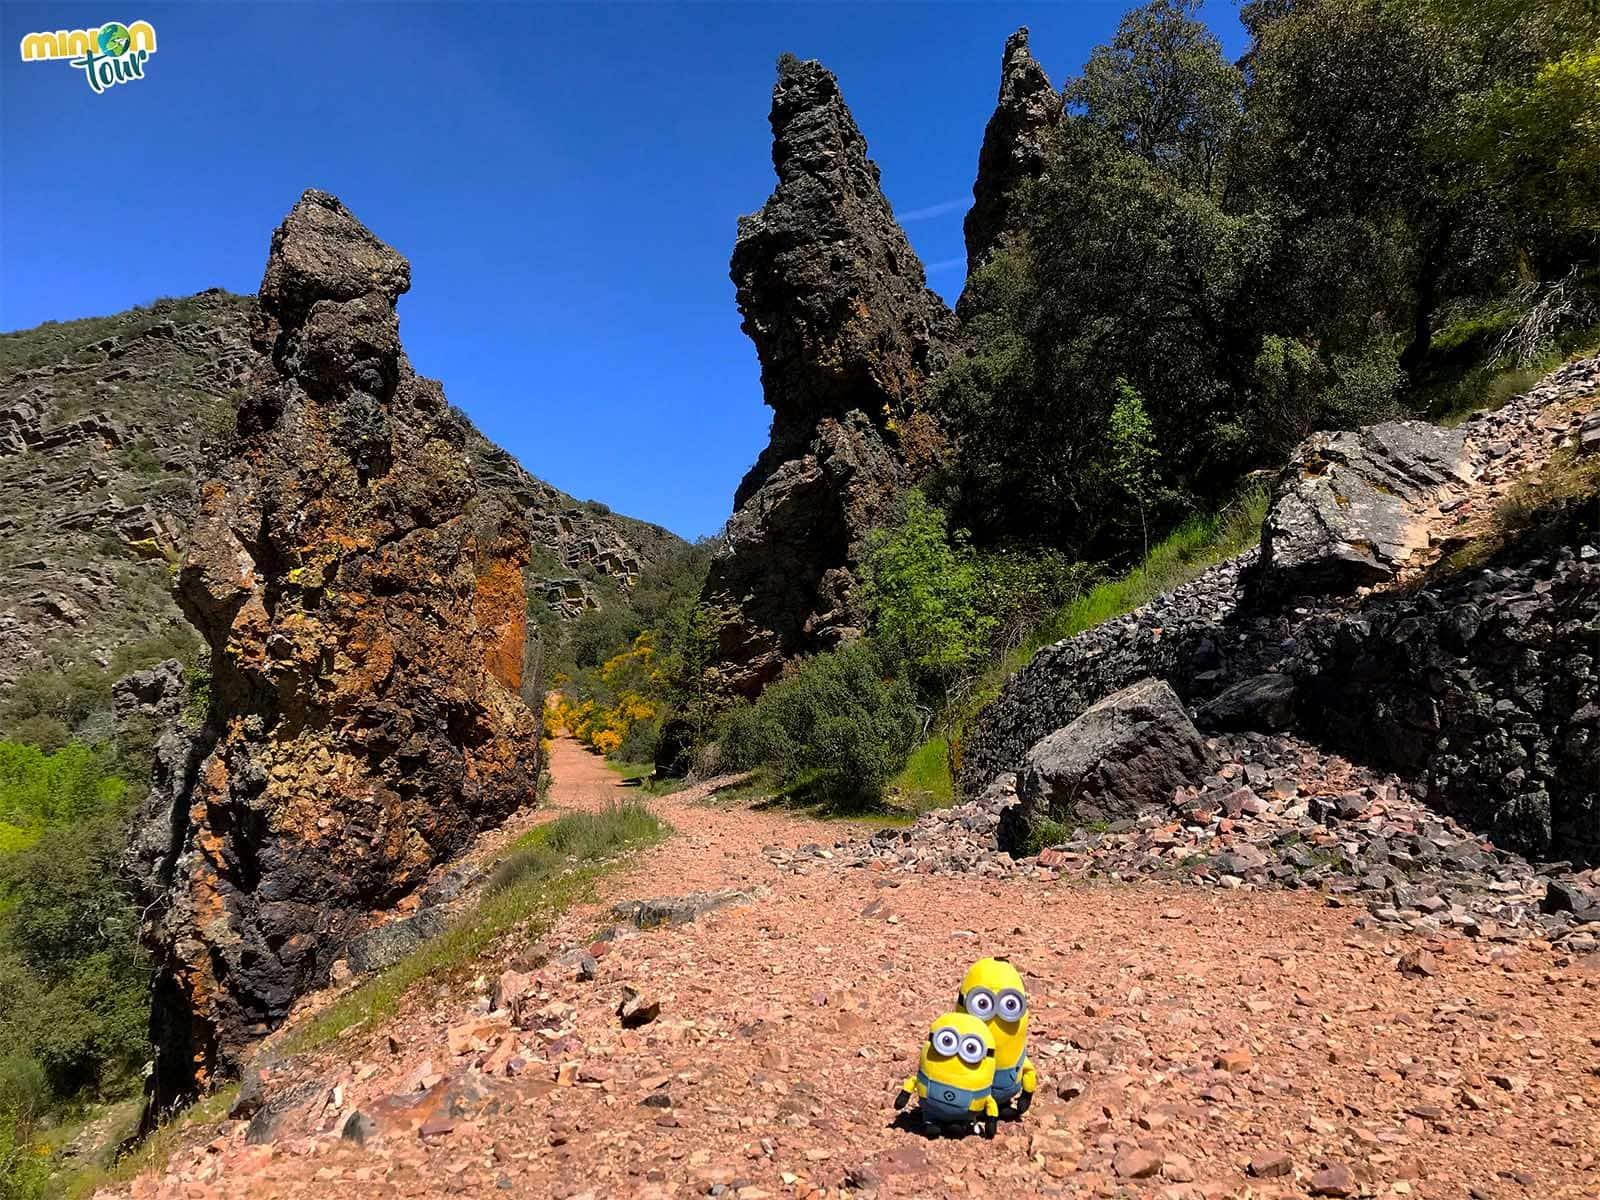 Buscando fósiles en el Boquerón del Estena